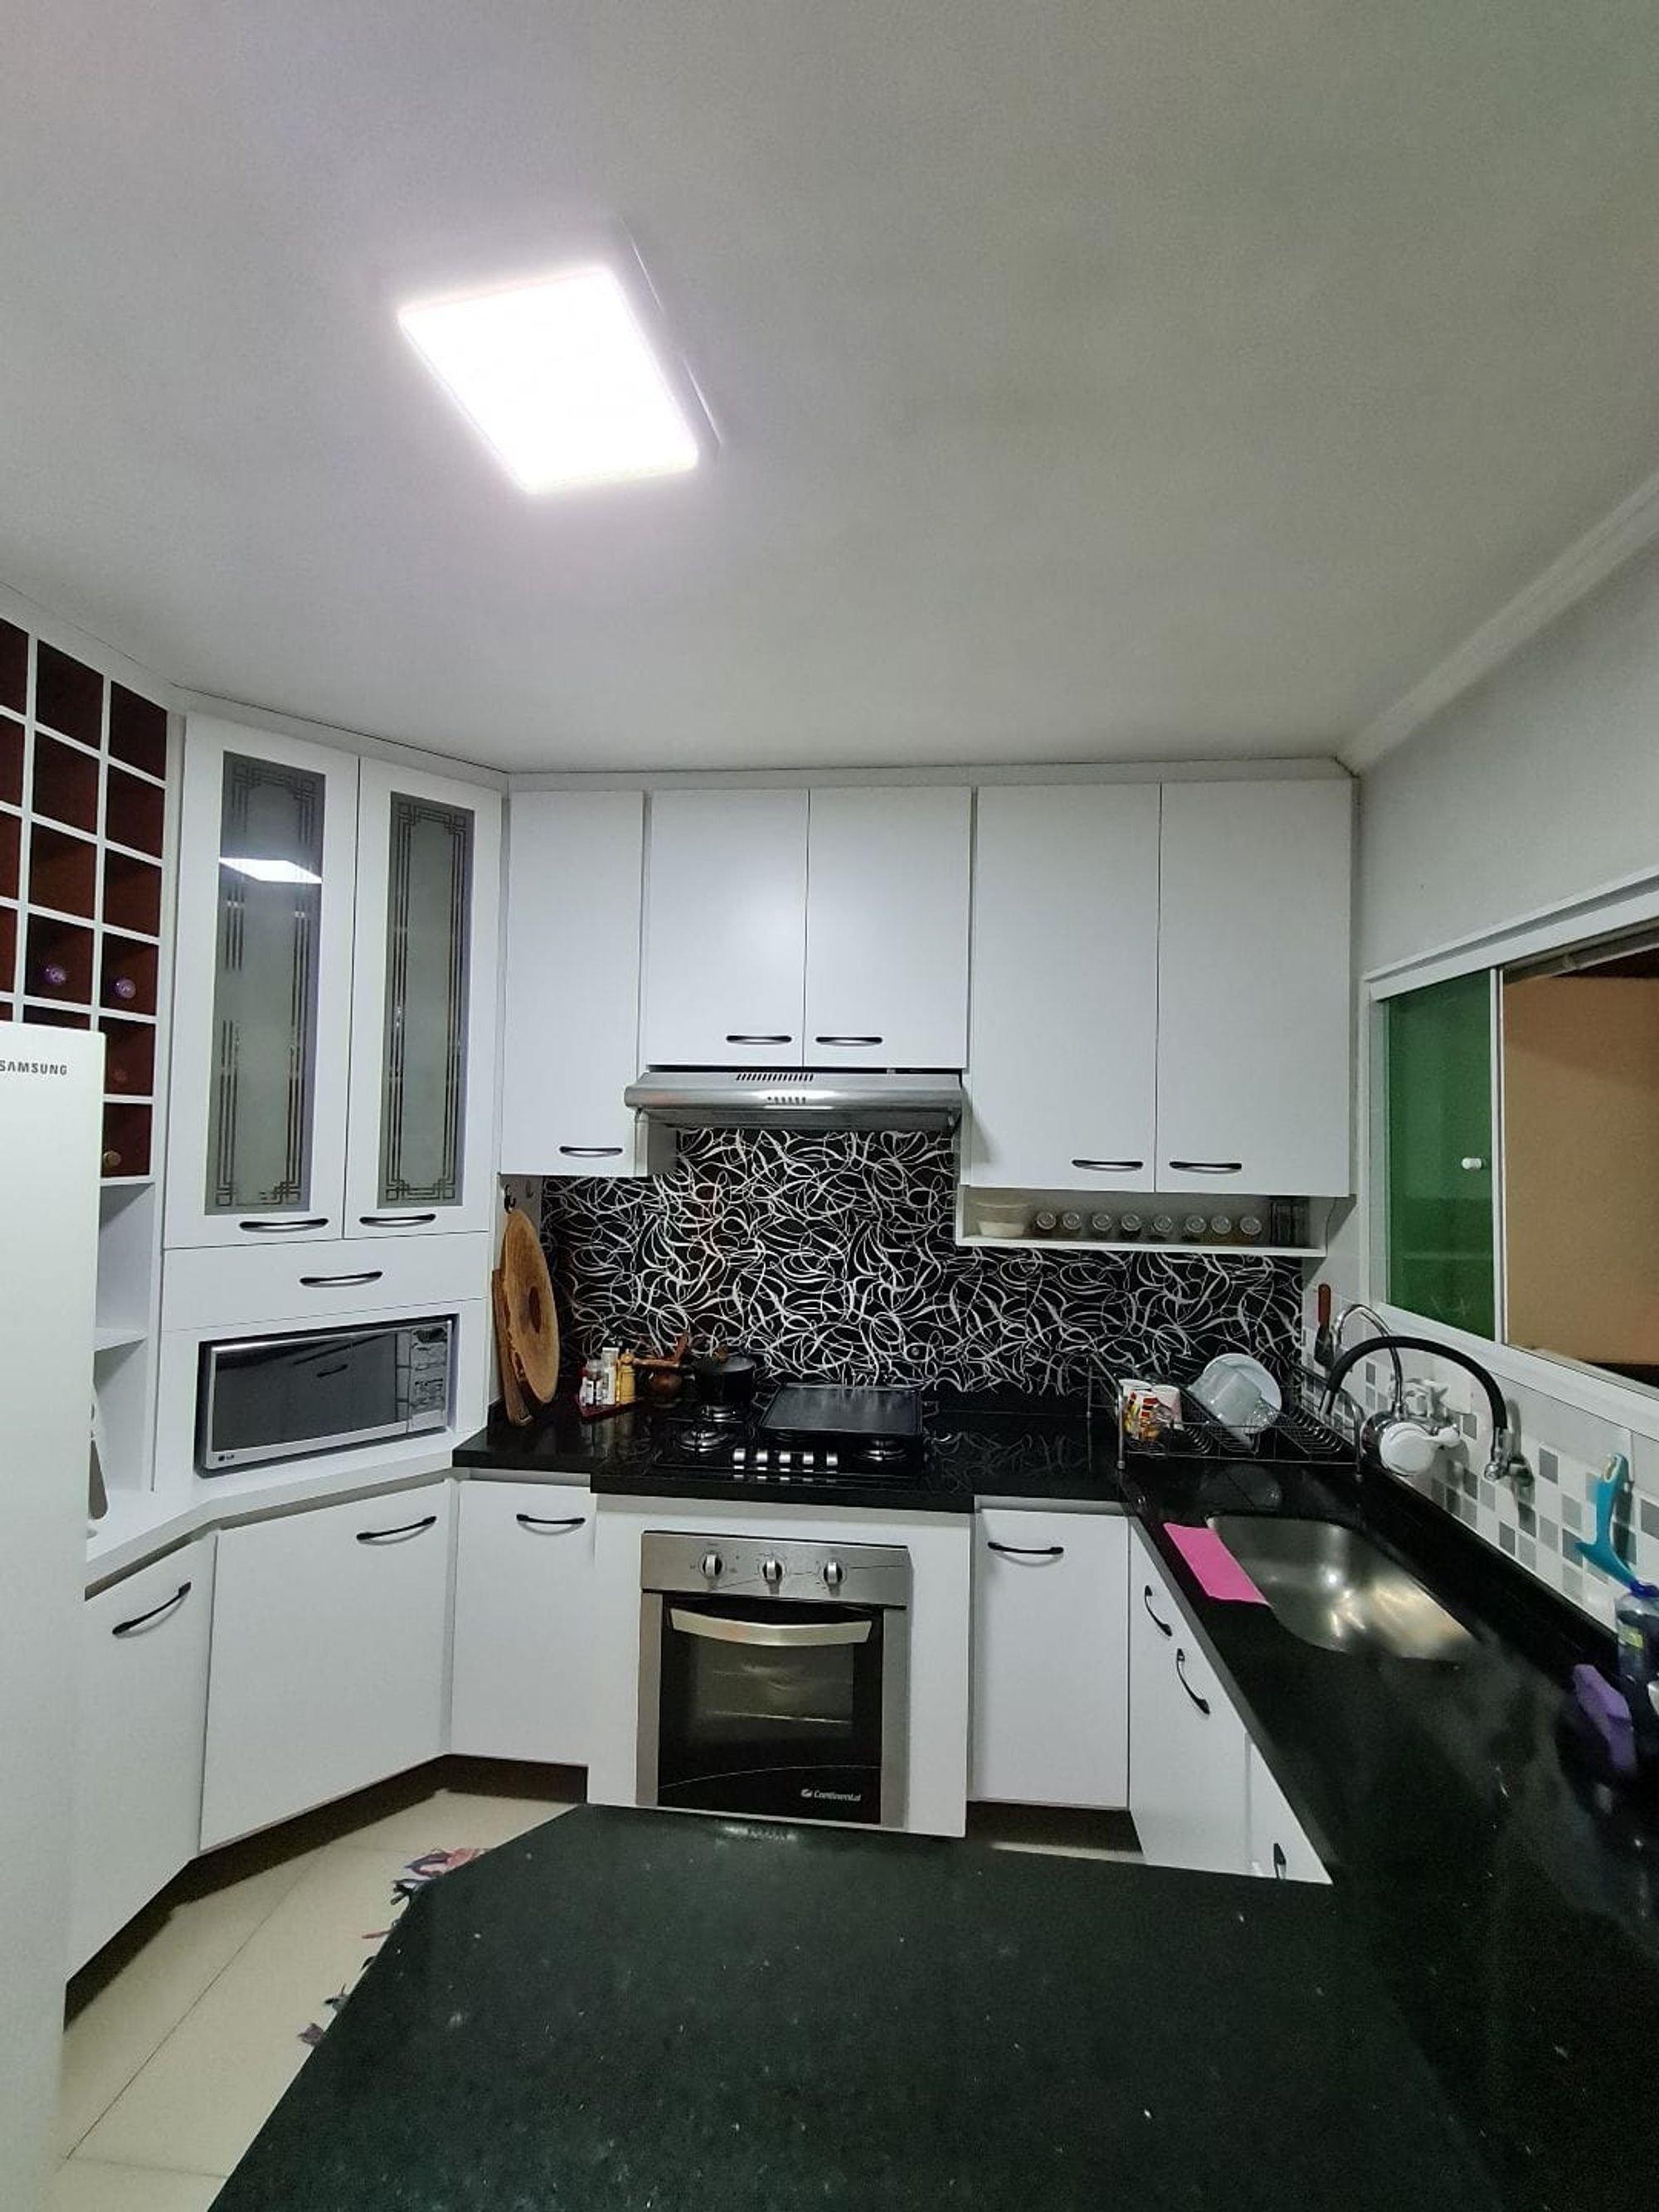 Foto de Cozinha com forno, pia, microondas